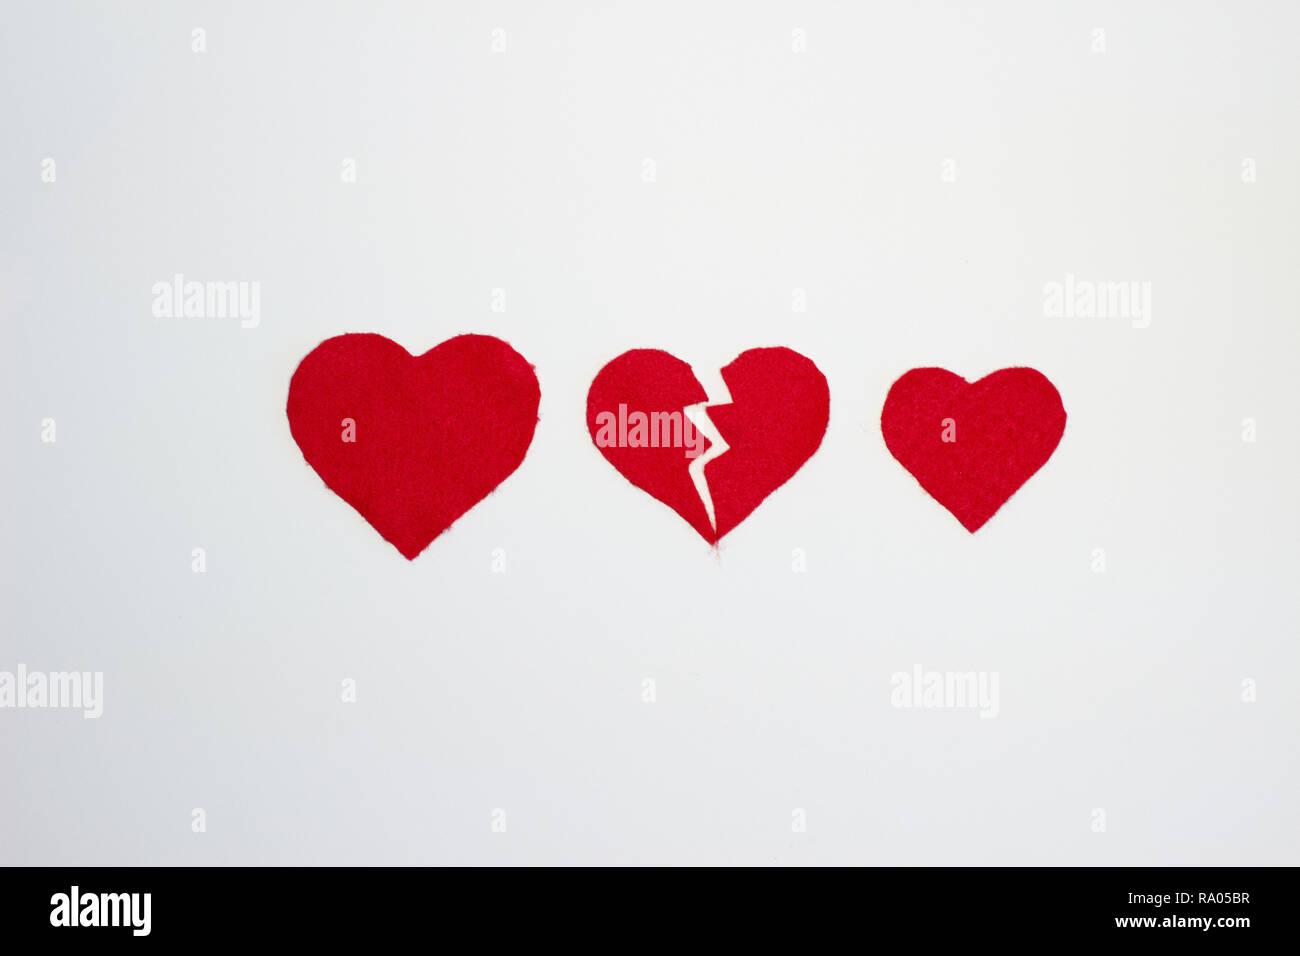 Amor y desamor representados por corazones fieltro rojo Imagen De Stock